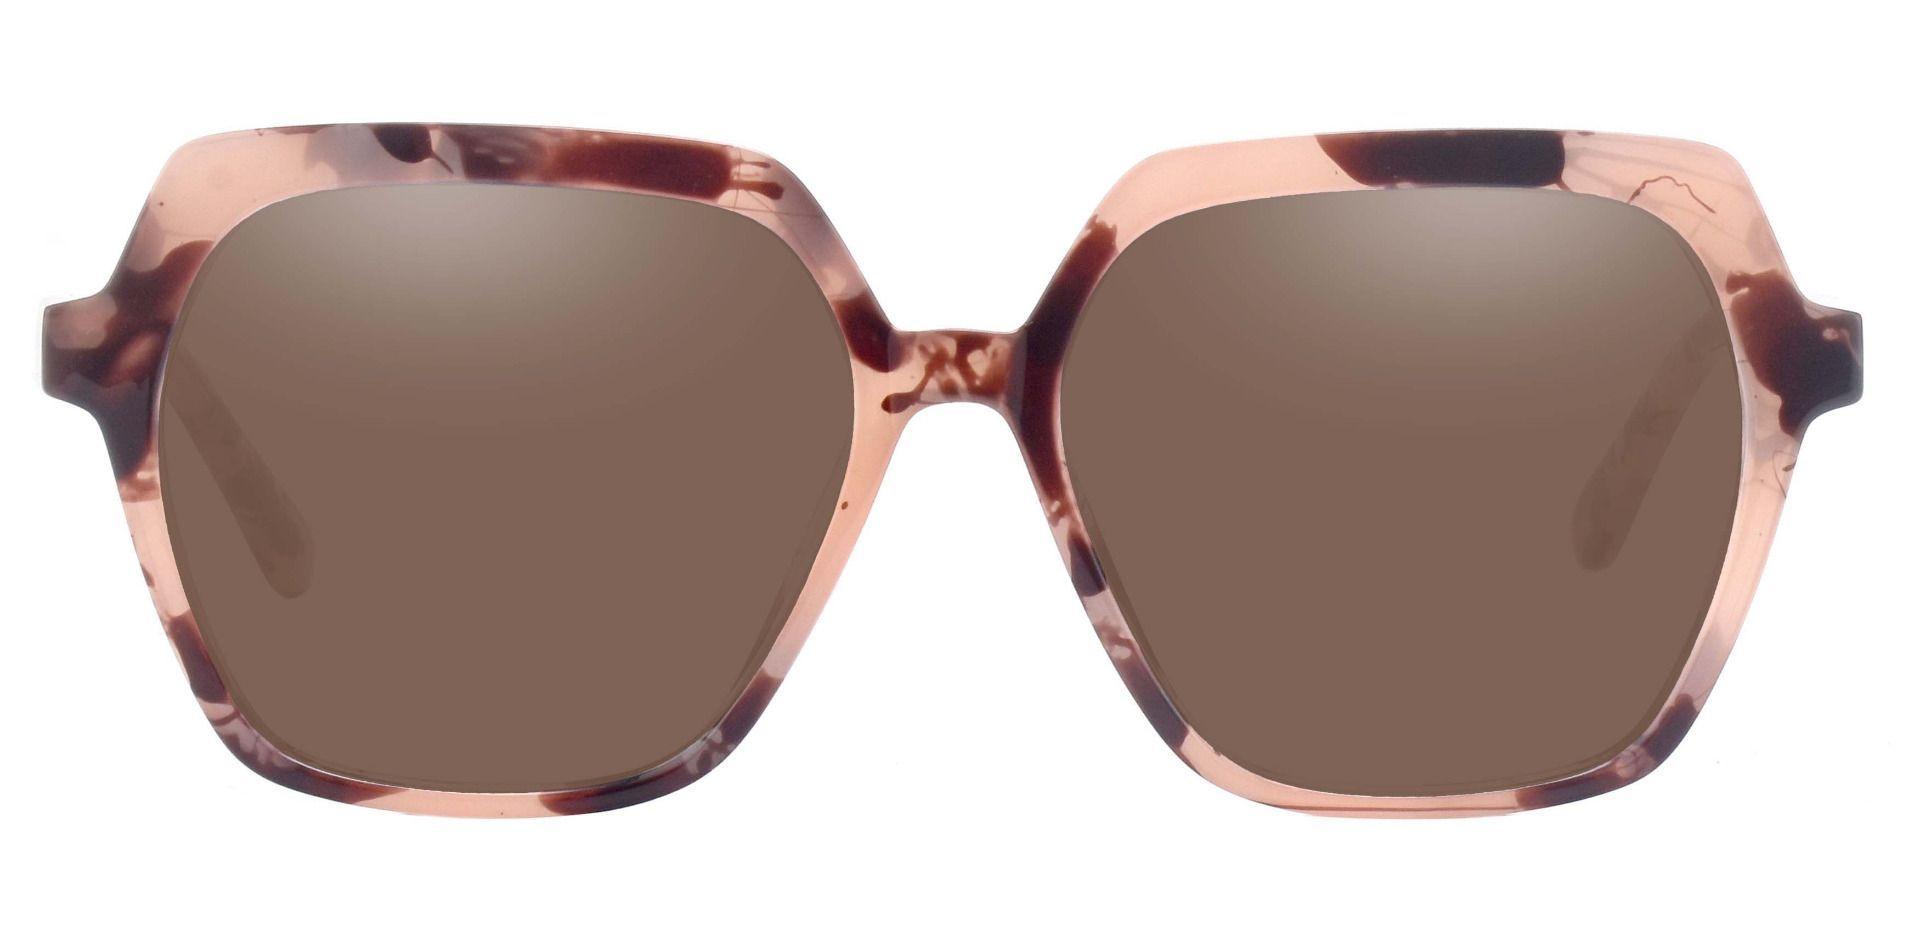 Regent Geometric Reading Sunglasses - Tortoise Frame With Brown Lenses